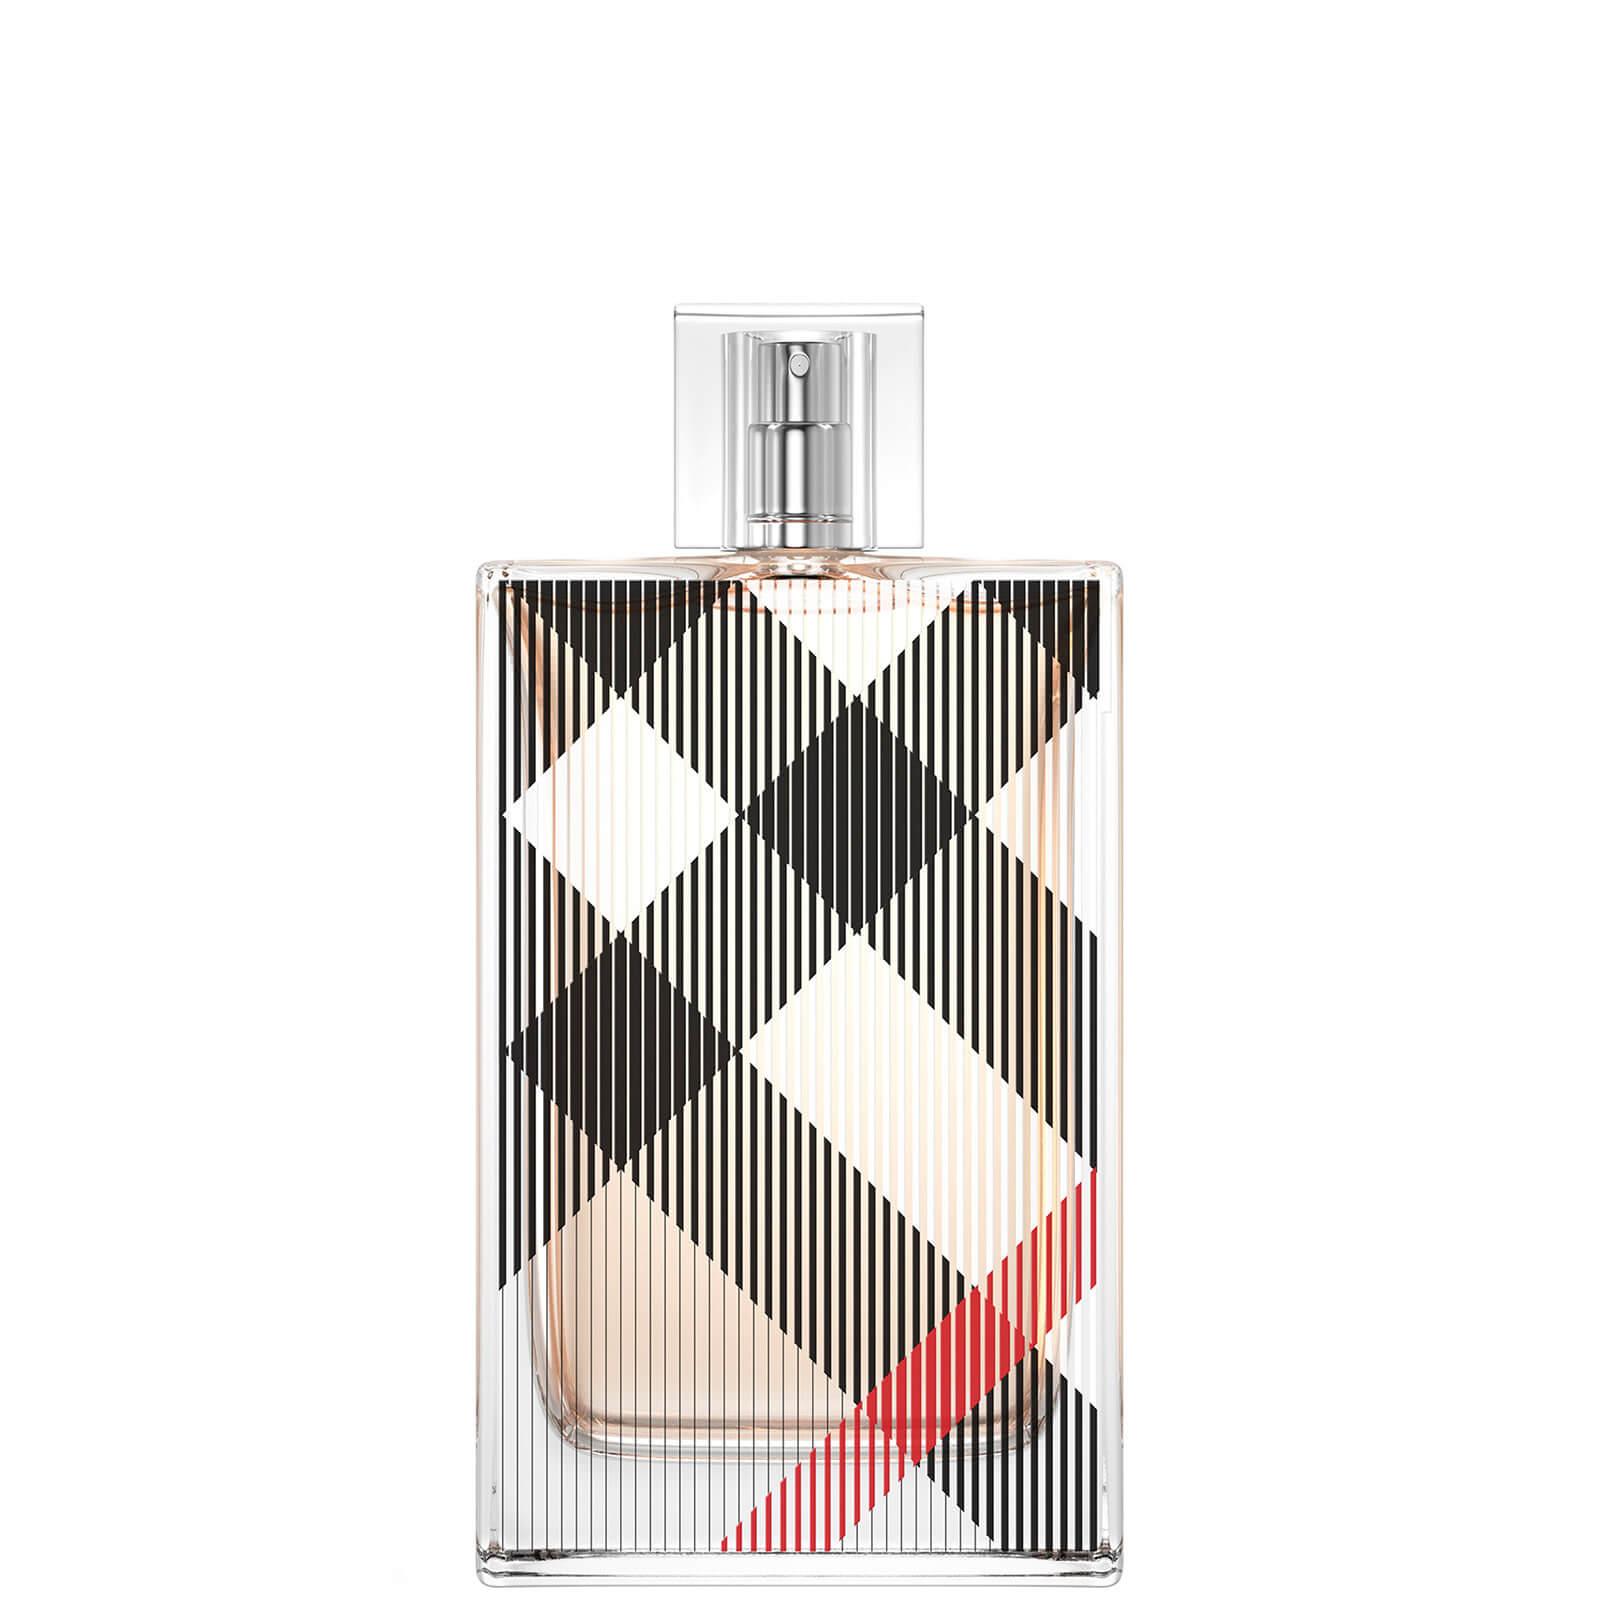 Image of Burberry Brit for Her Eau de Parfum 100ml